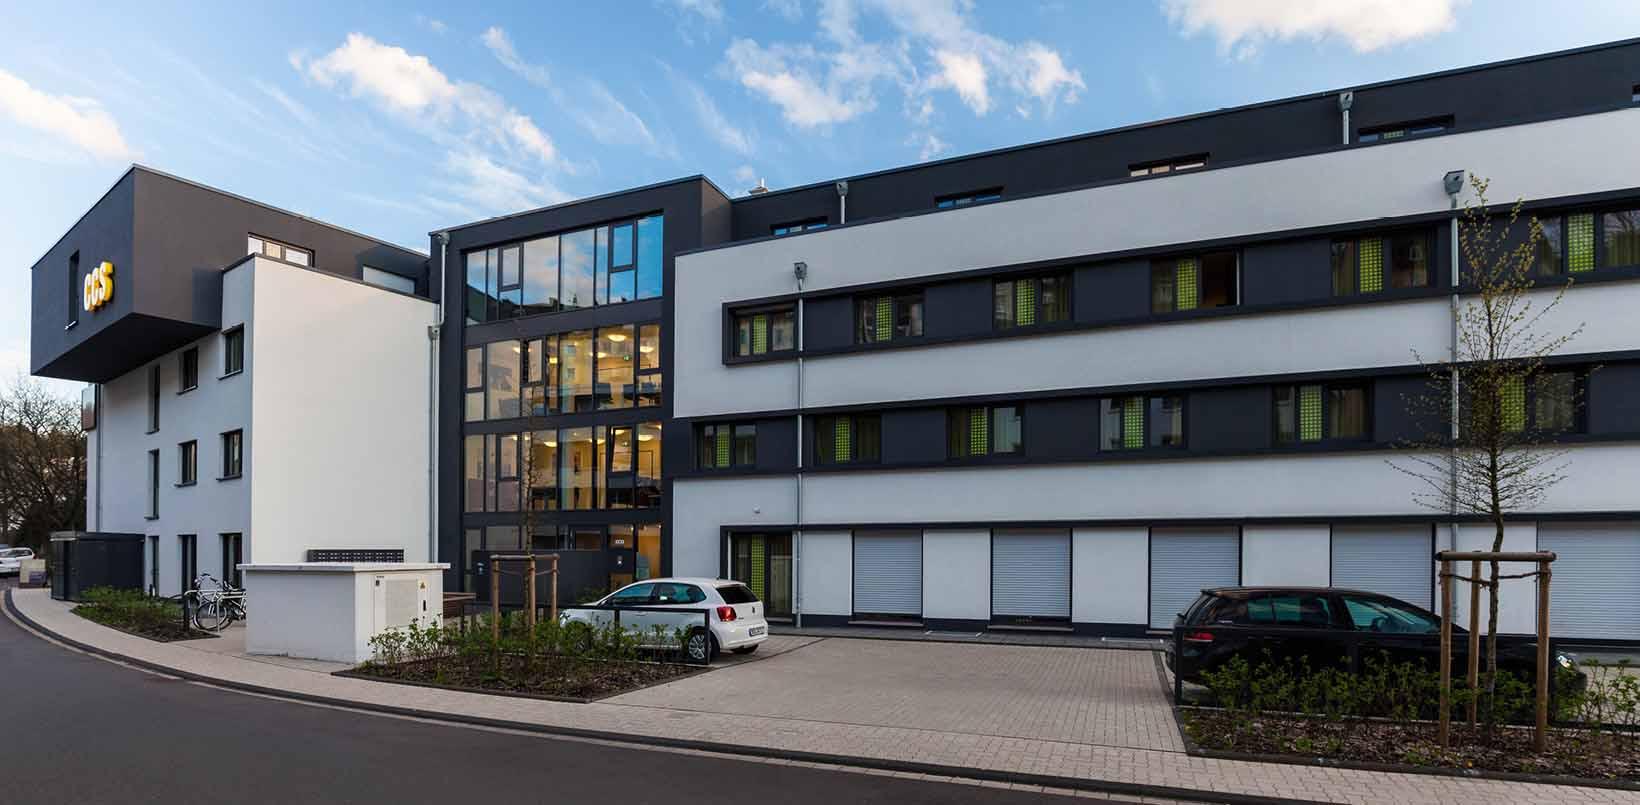 Architekt christ studentenwohnheim siegen 2 - Architektur siegen ...